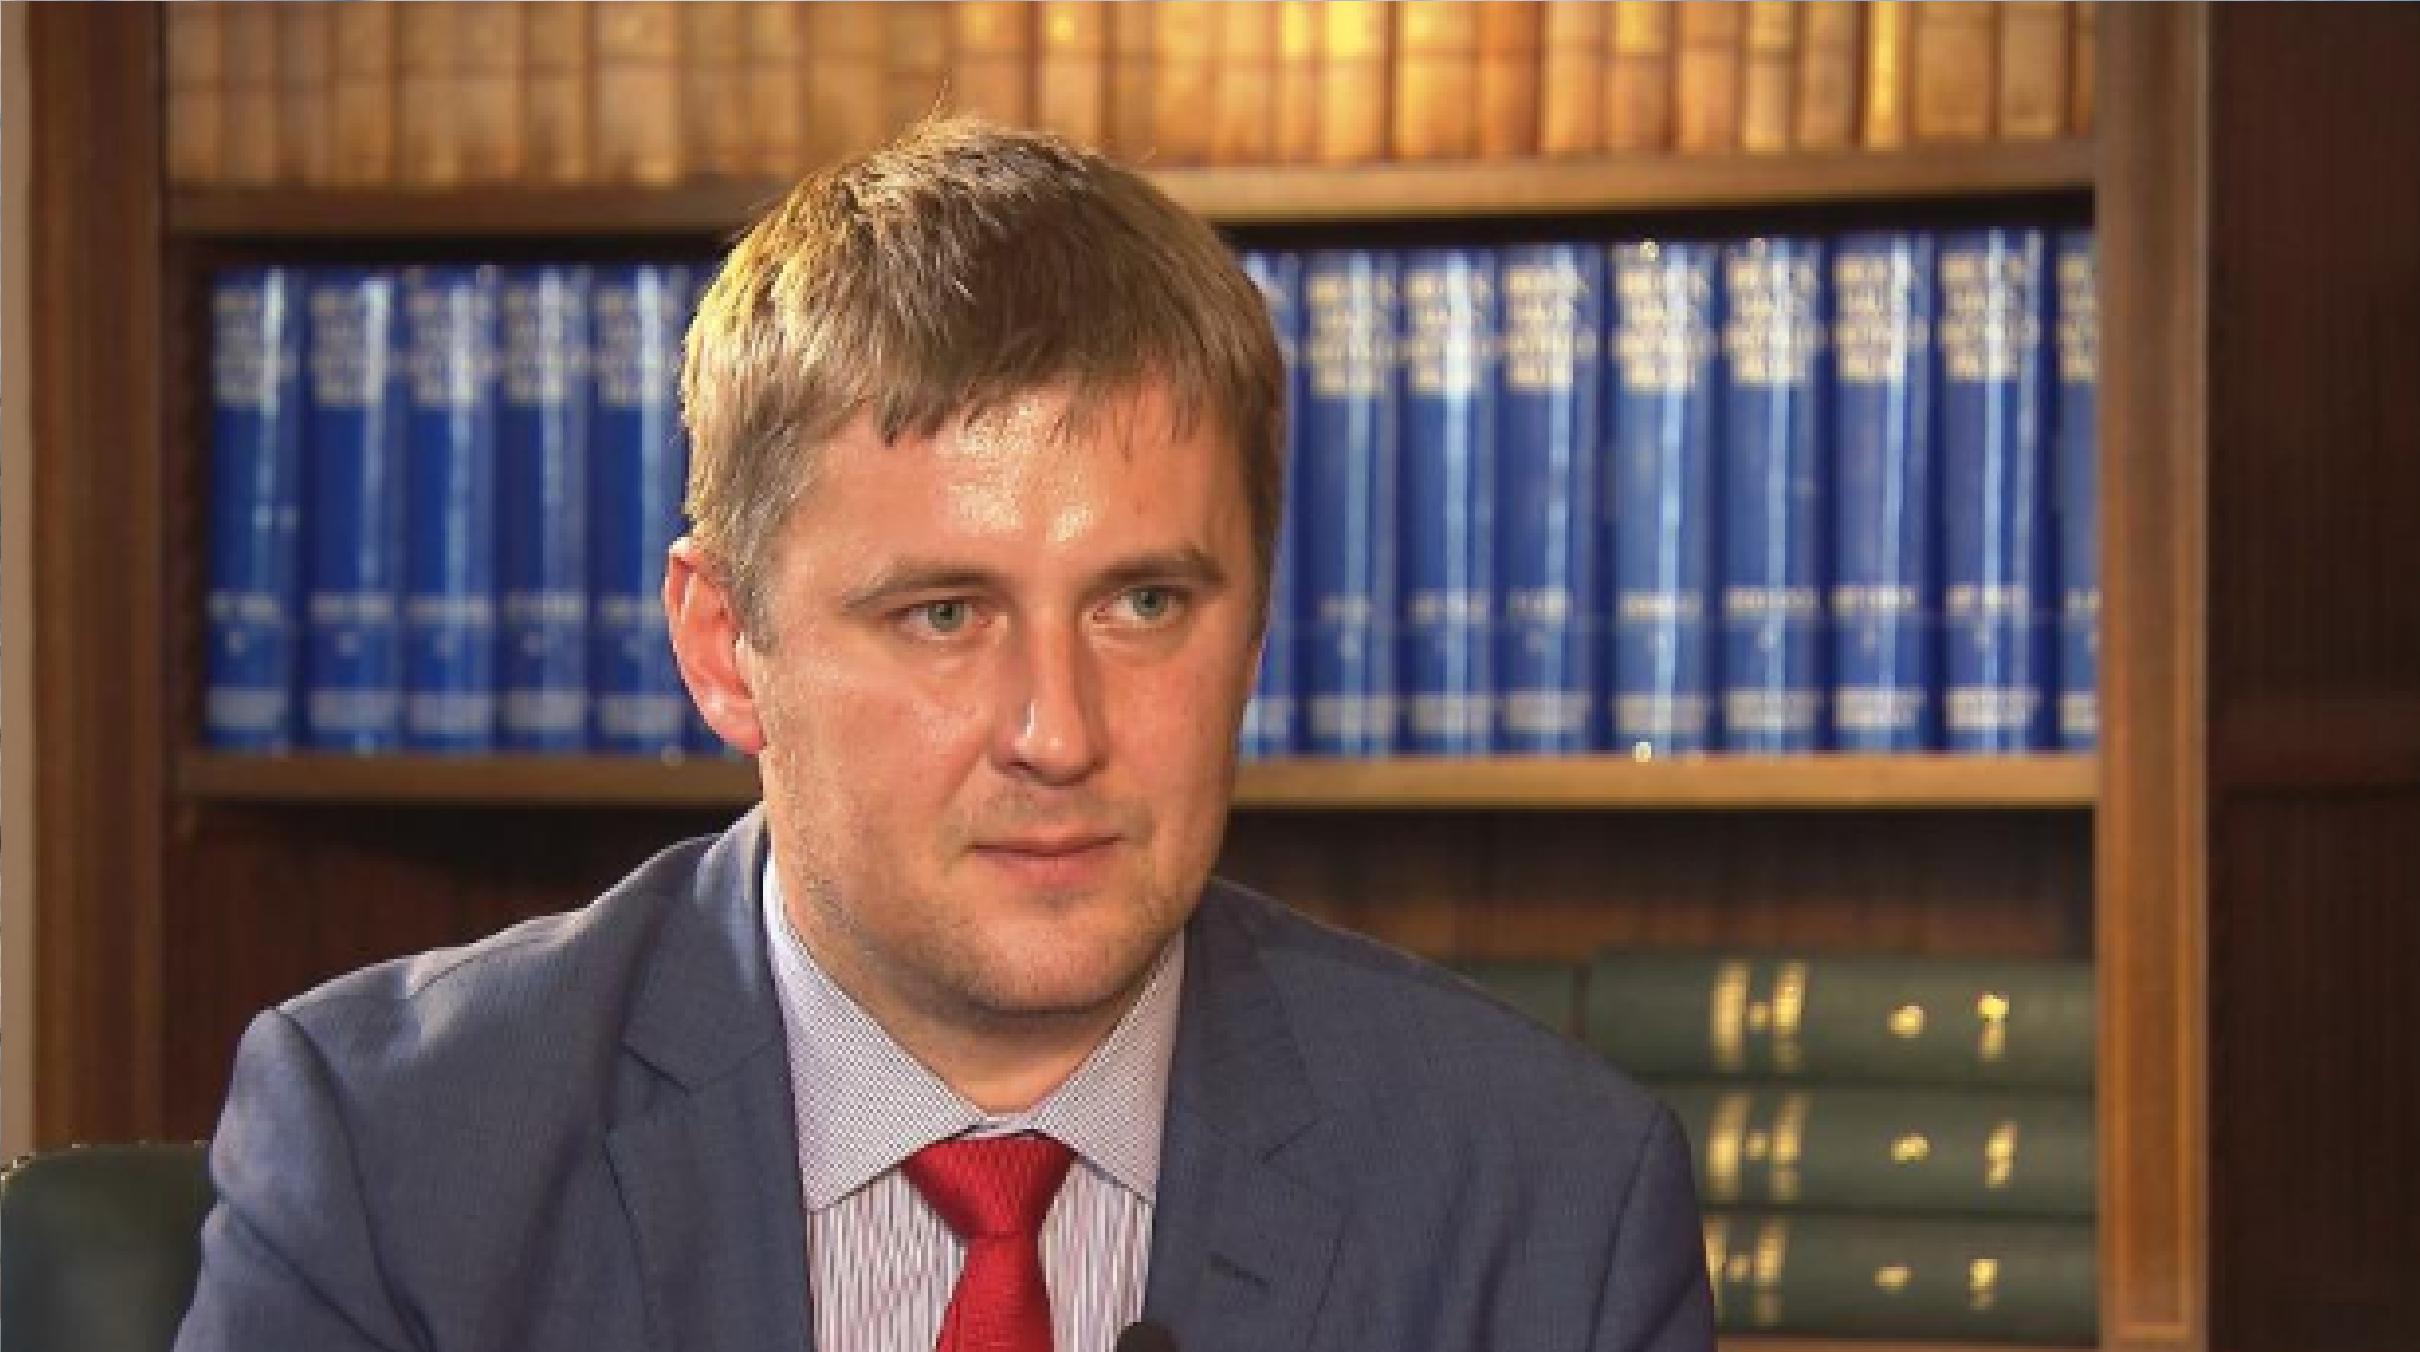 Ministr zahraničí Tomáš Petříček (ČSSD) (Česká televize)